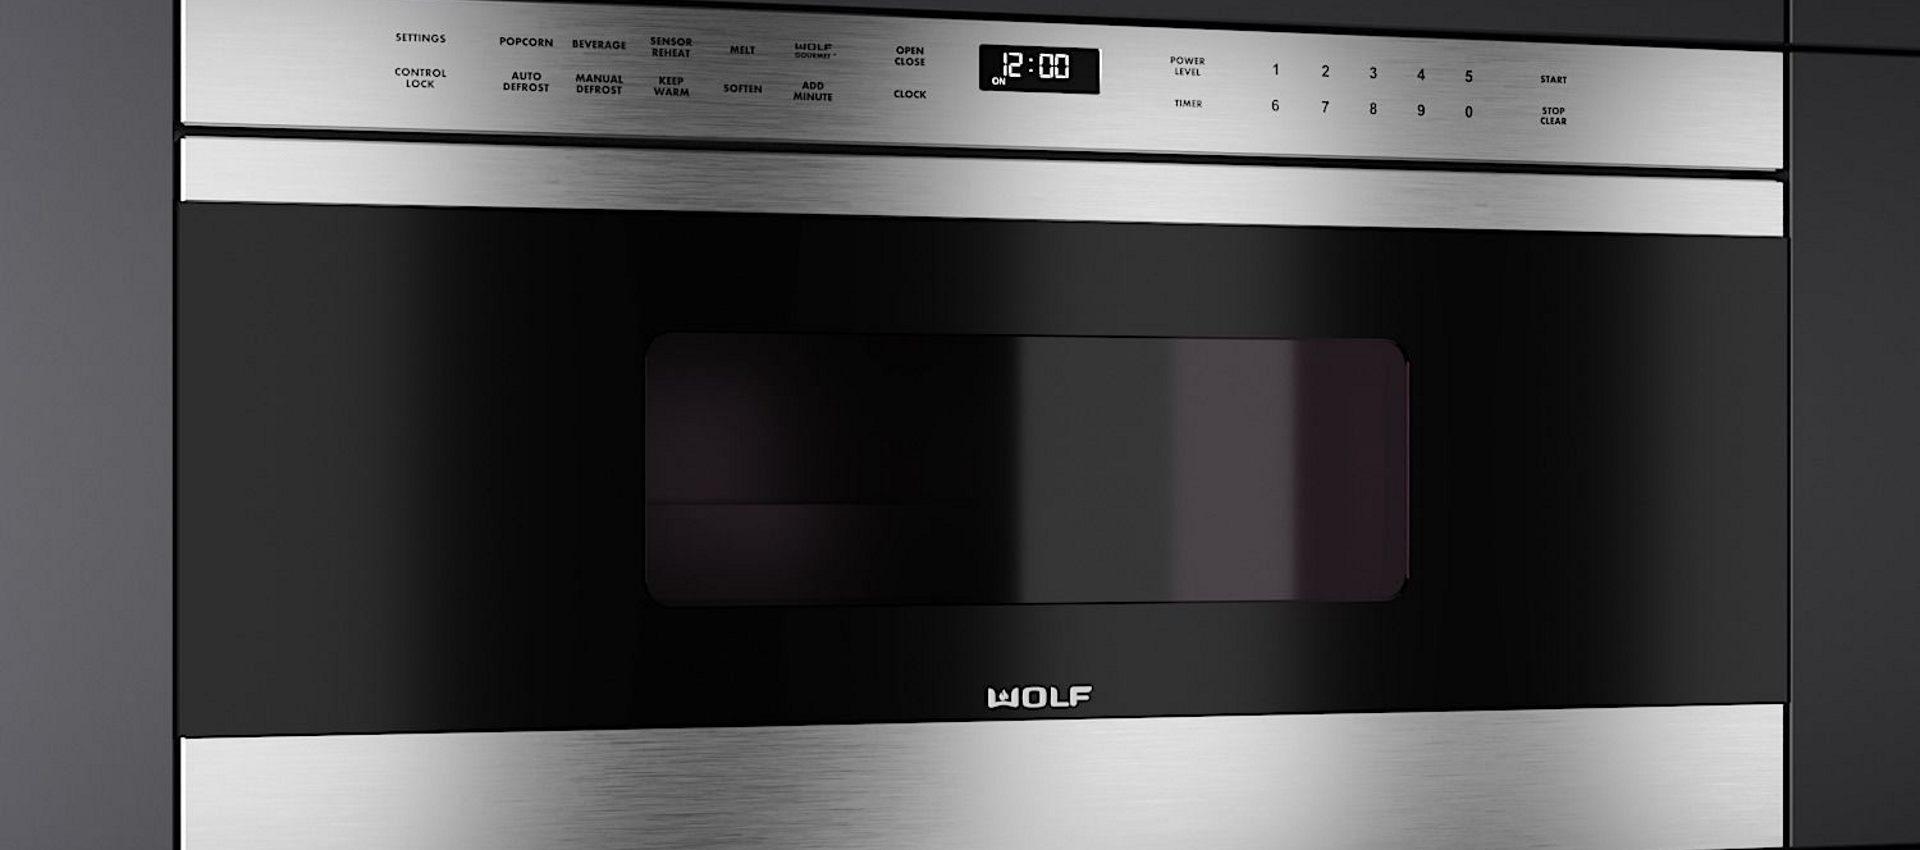 microwave repair denver s best sub